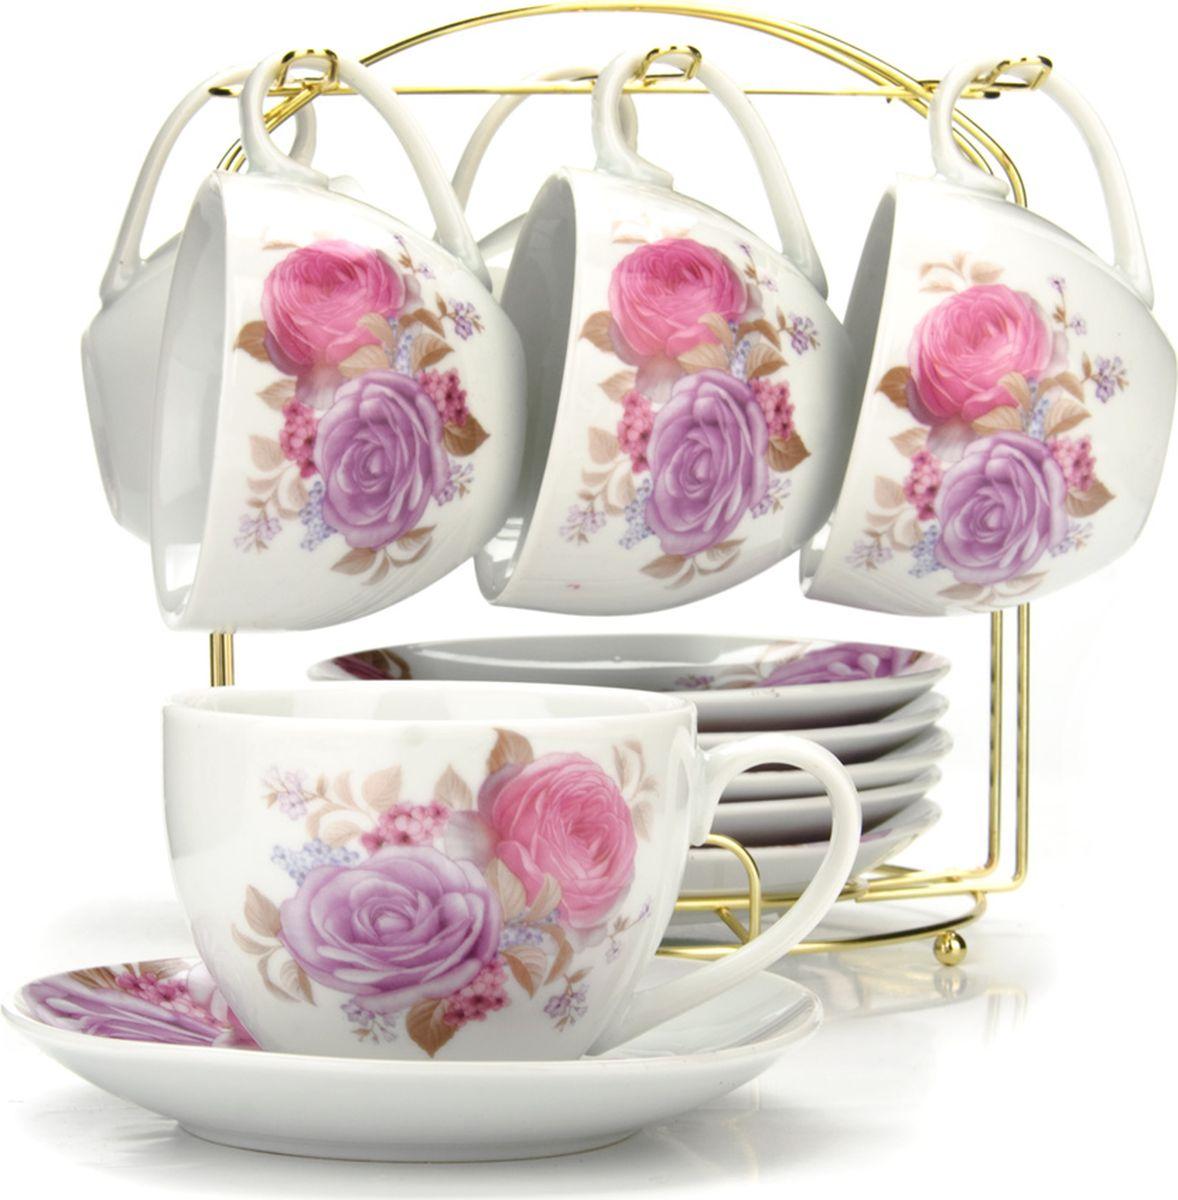 Сервиз чайный Loraine, на подставке, 13 предметов. 43289 сервиз чайный loraine на подставке 13 предметов 43283